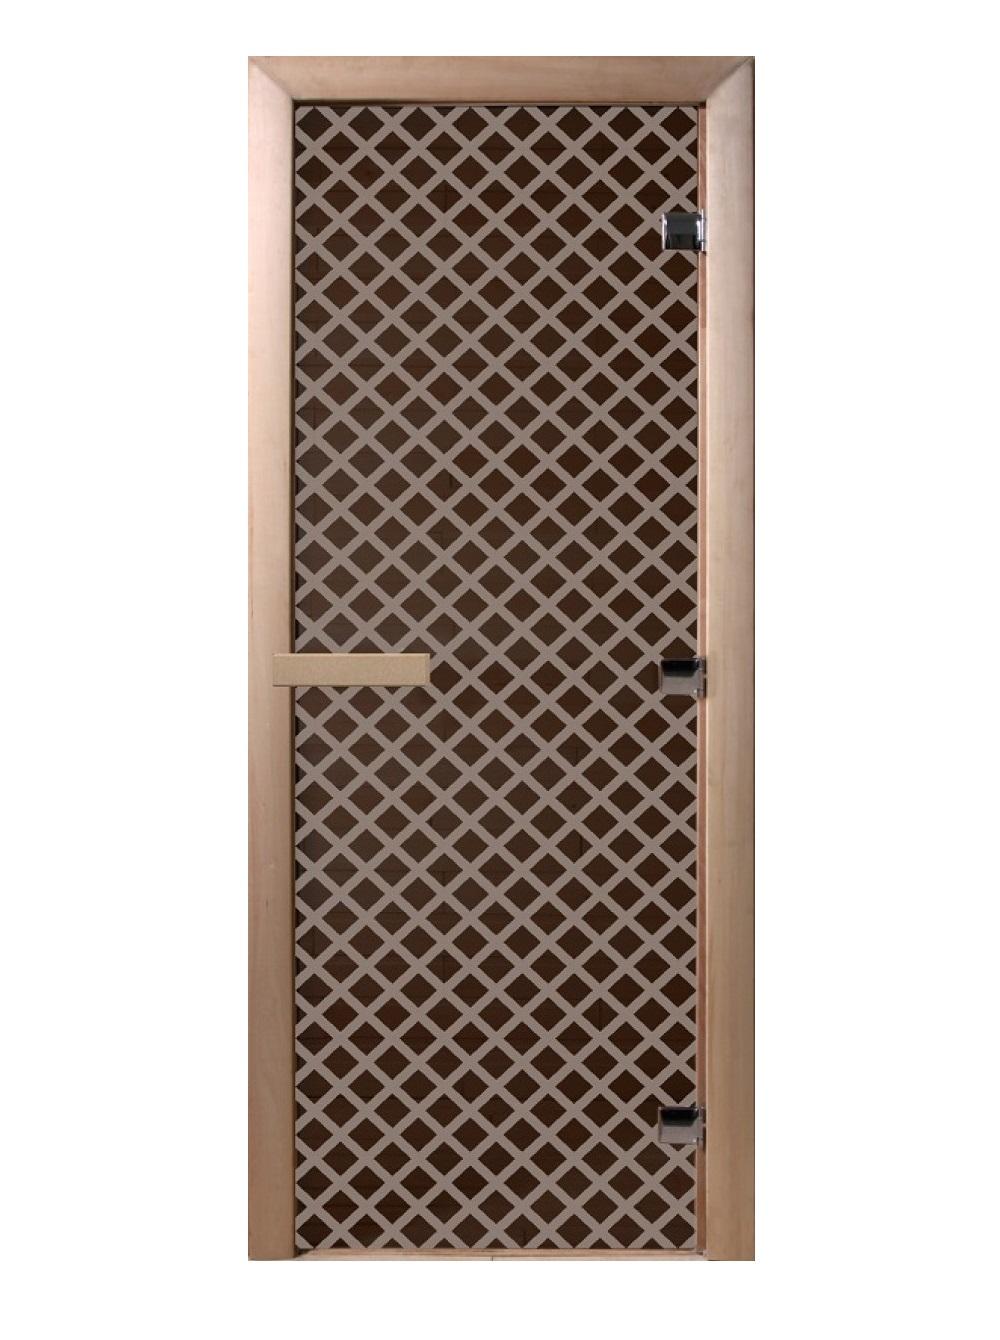 Дверь стеклянная для саун «Мираж» чер. жемчуг матовое